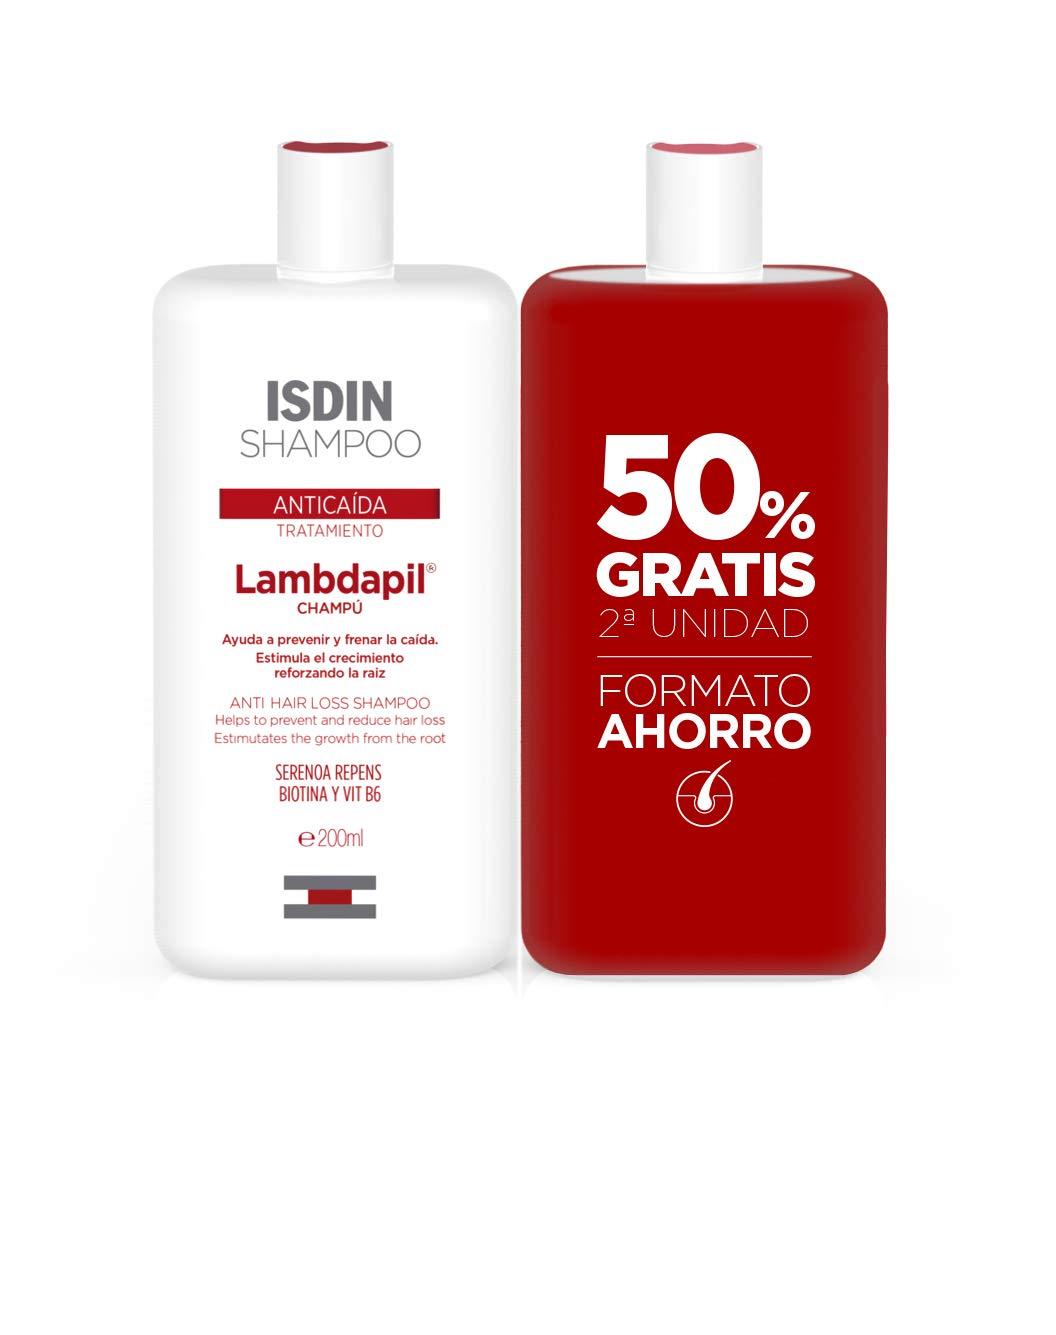 Lambdapil Isdin Duplo Tratamiento Champú Anti Caída, Ayuda a Reducir la Caída del Cabello y Estimula el Crecimiento Capilar, 200 ml, Pack de 2